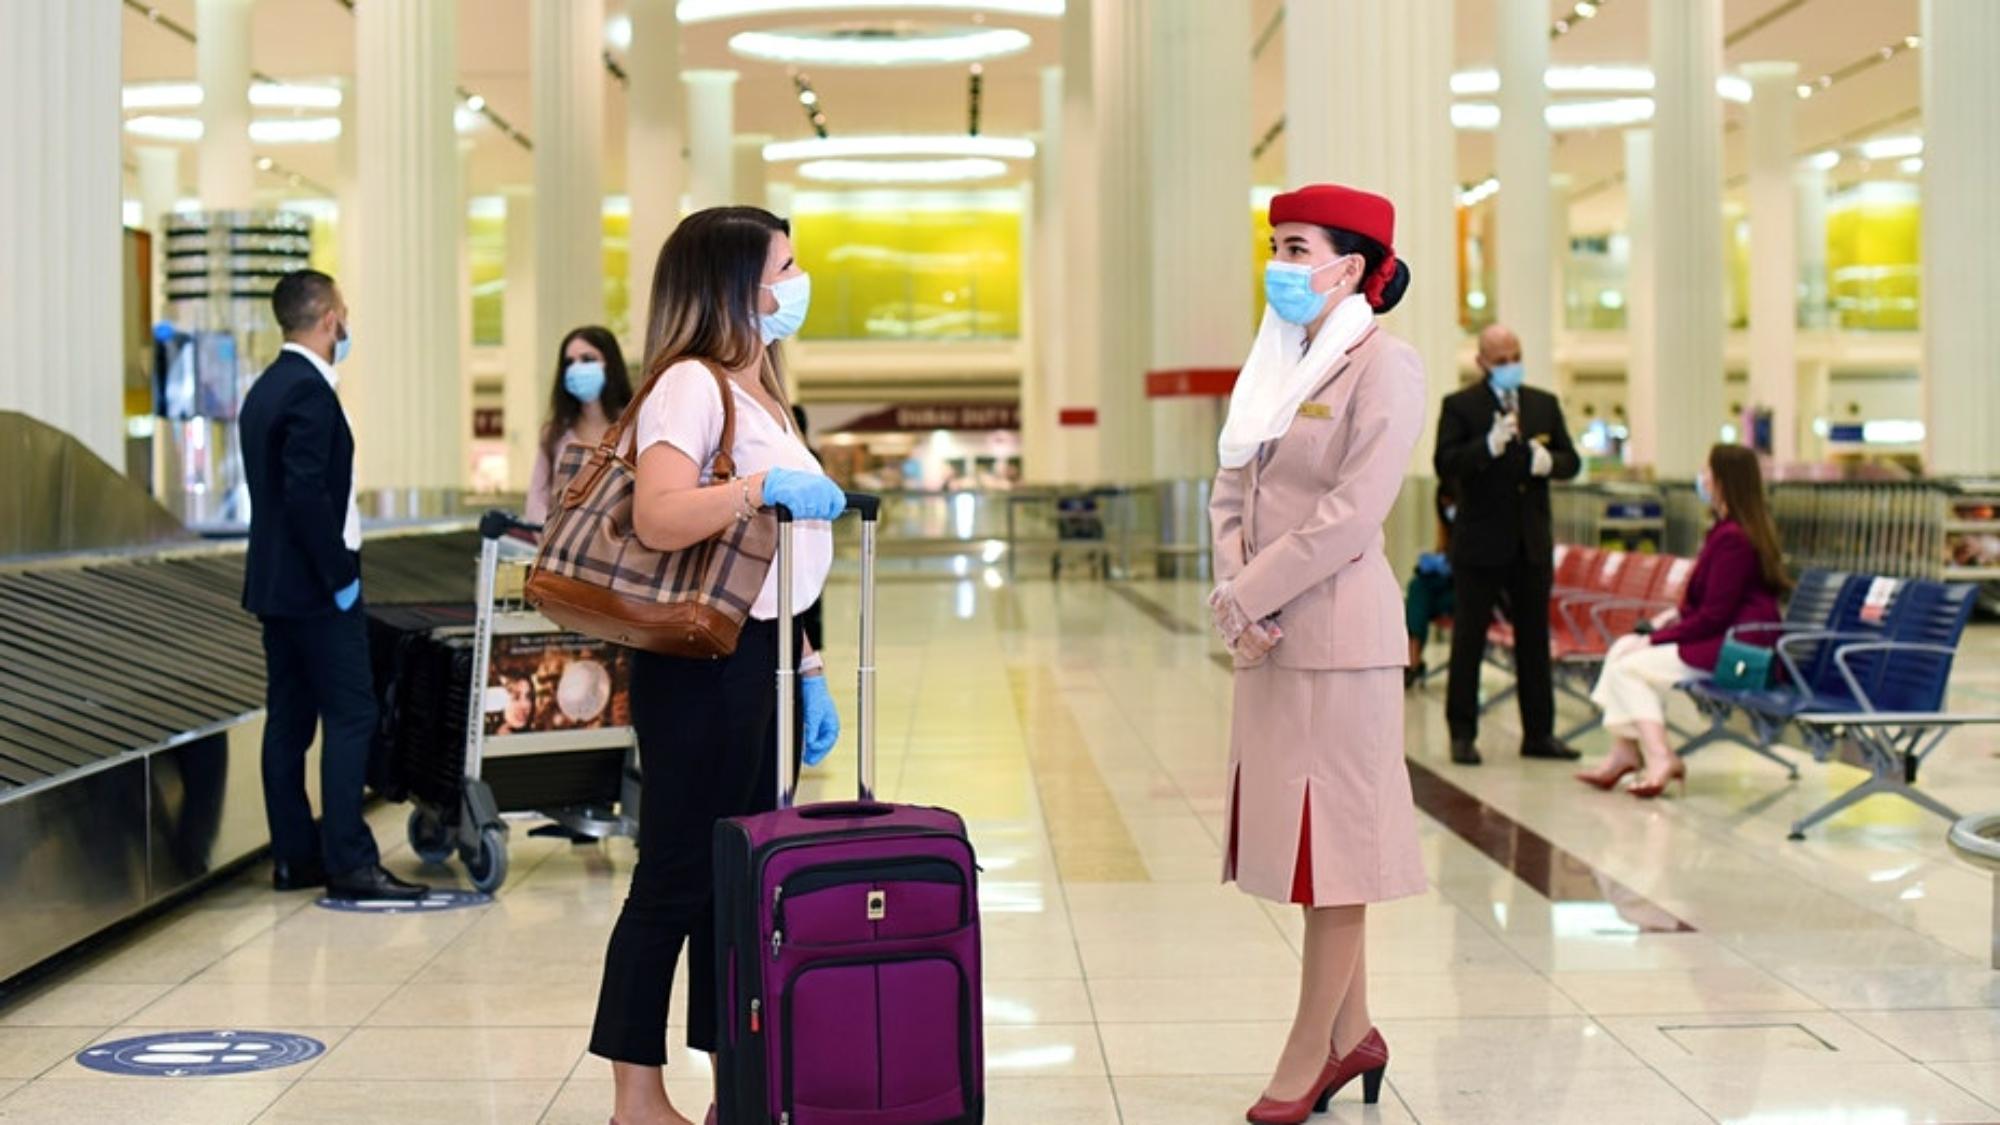 如果您在旅行時被確診新冠肺炎,阿聯酋航空將為您提供費用©阿聯酋航空